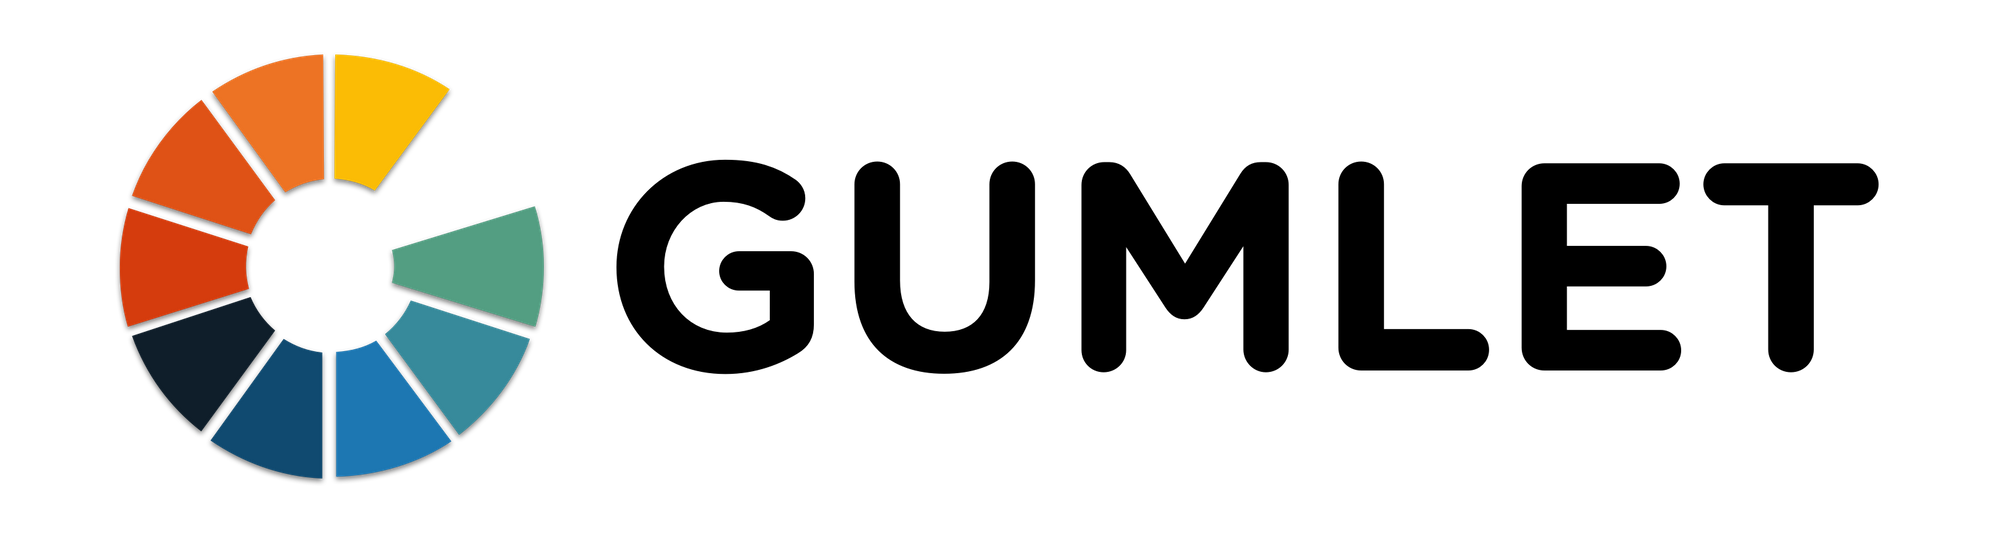 Gumlet